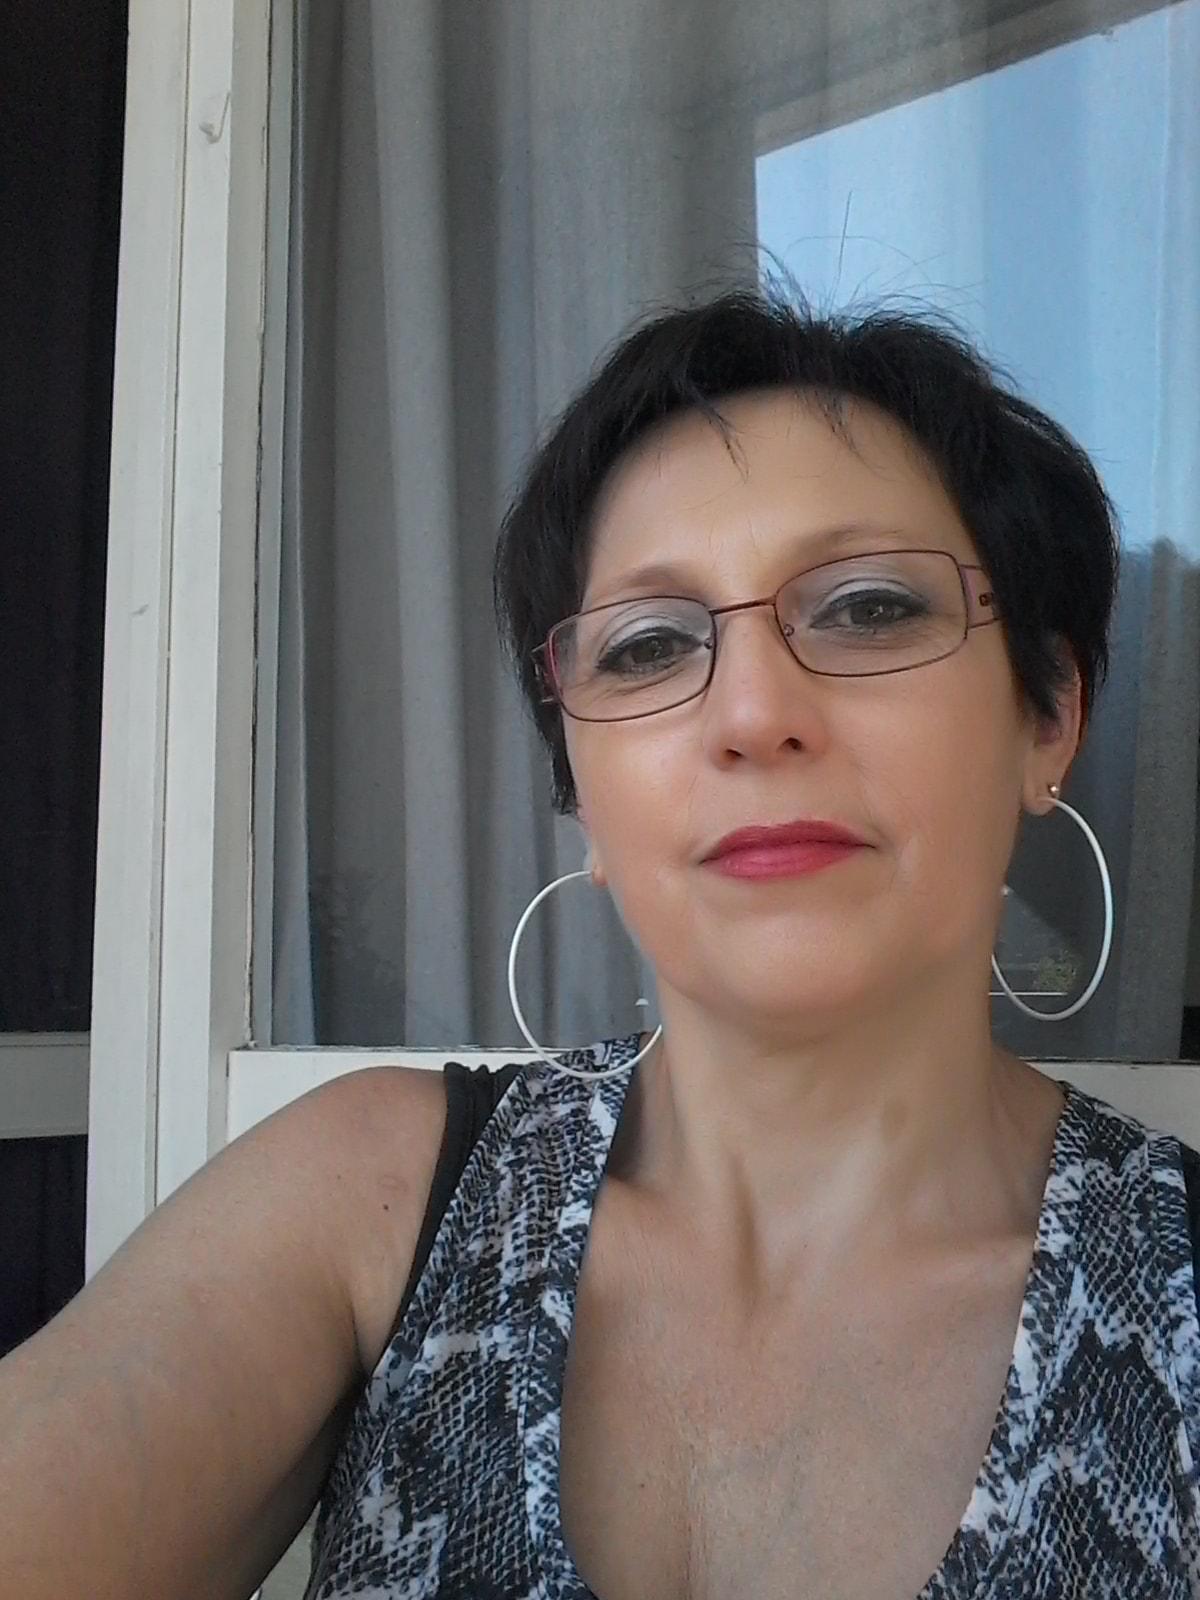 Nadine from Villeurbanne